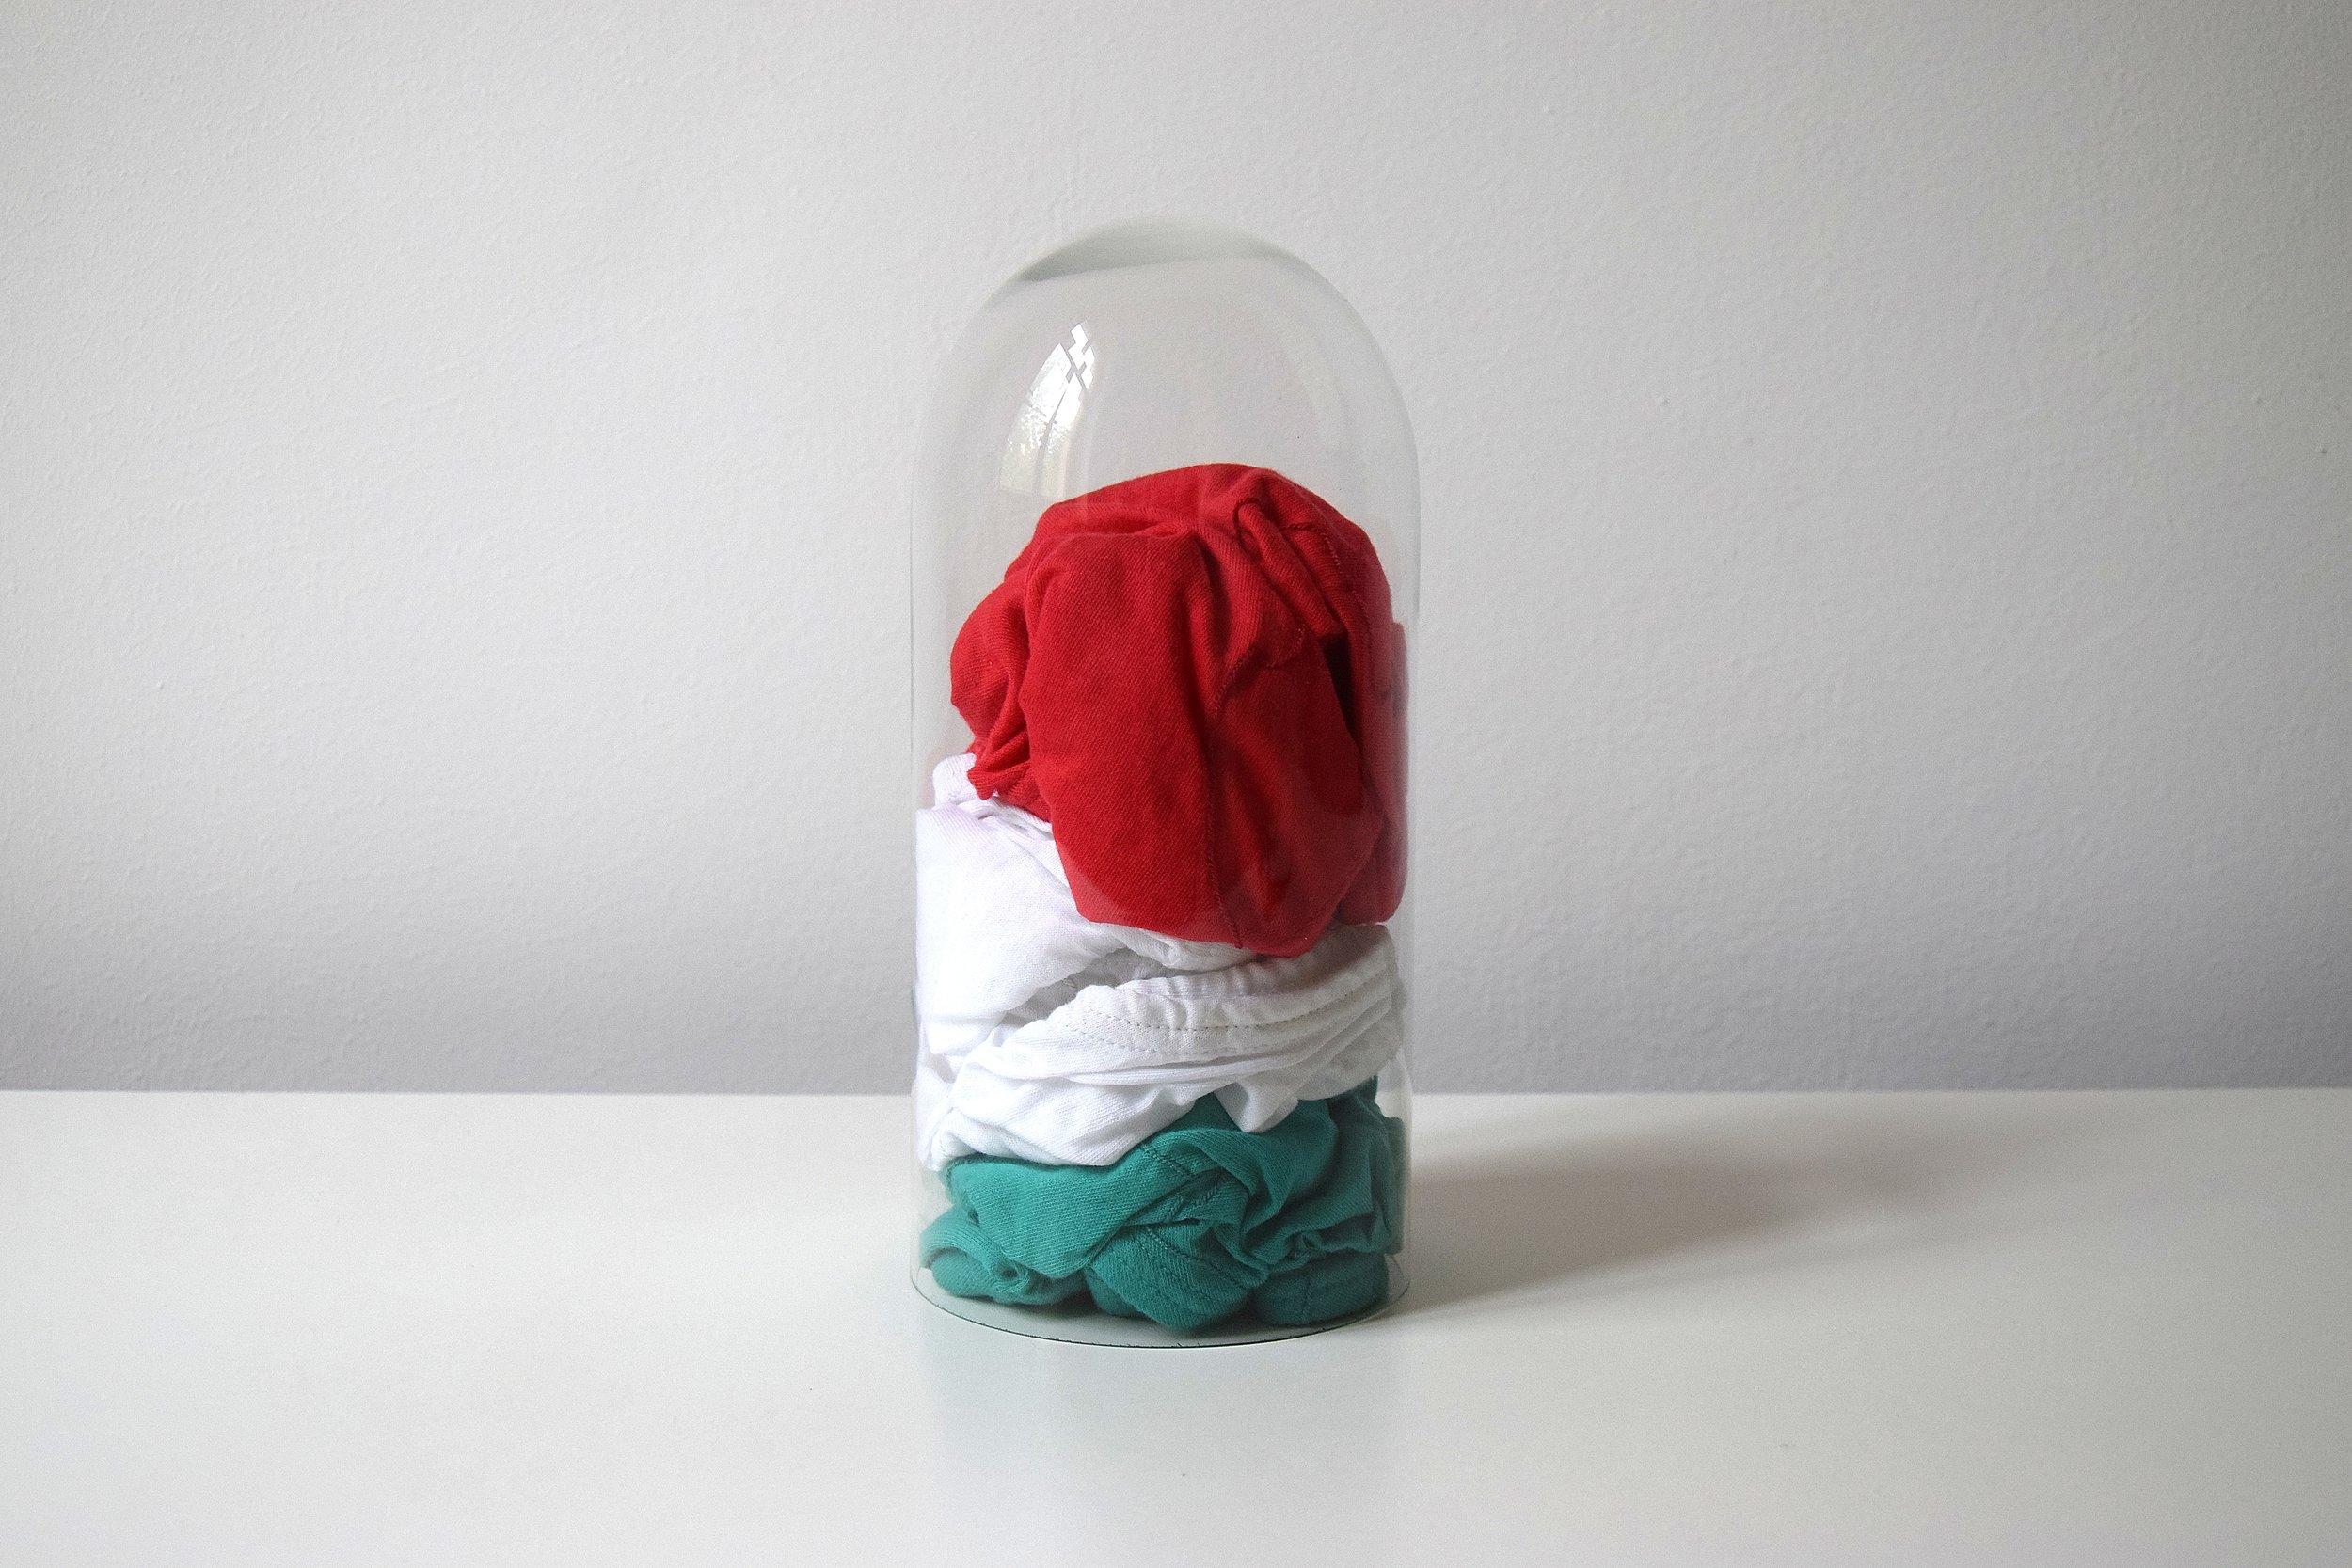 Italia - Verde, Bianco e Rosso, 1996